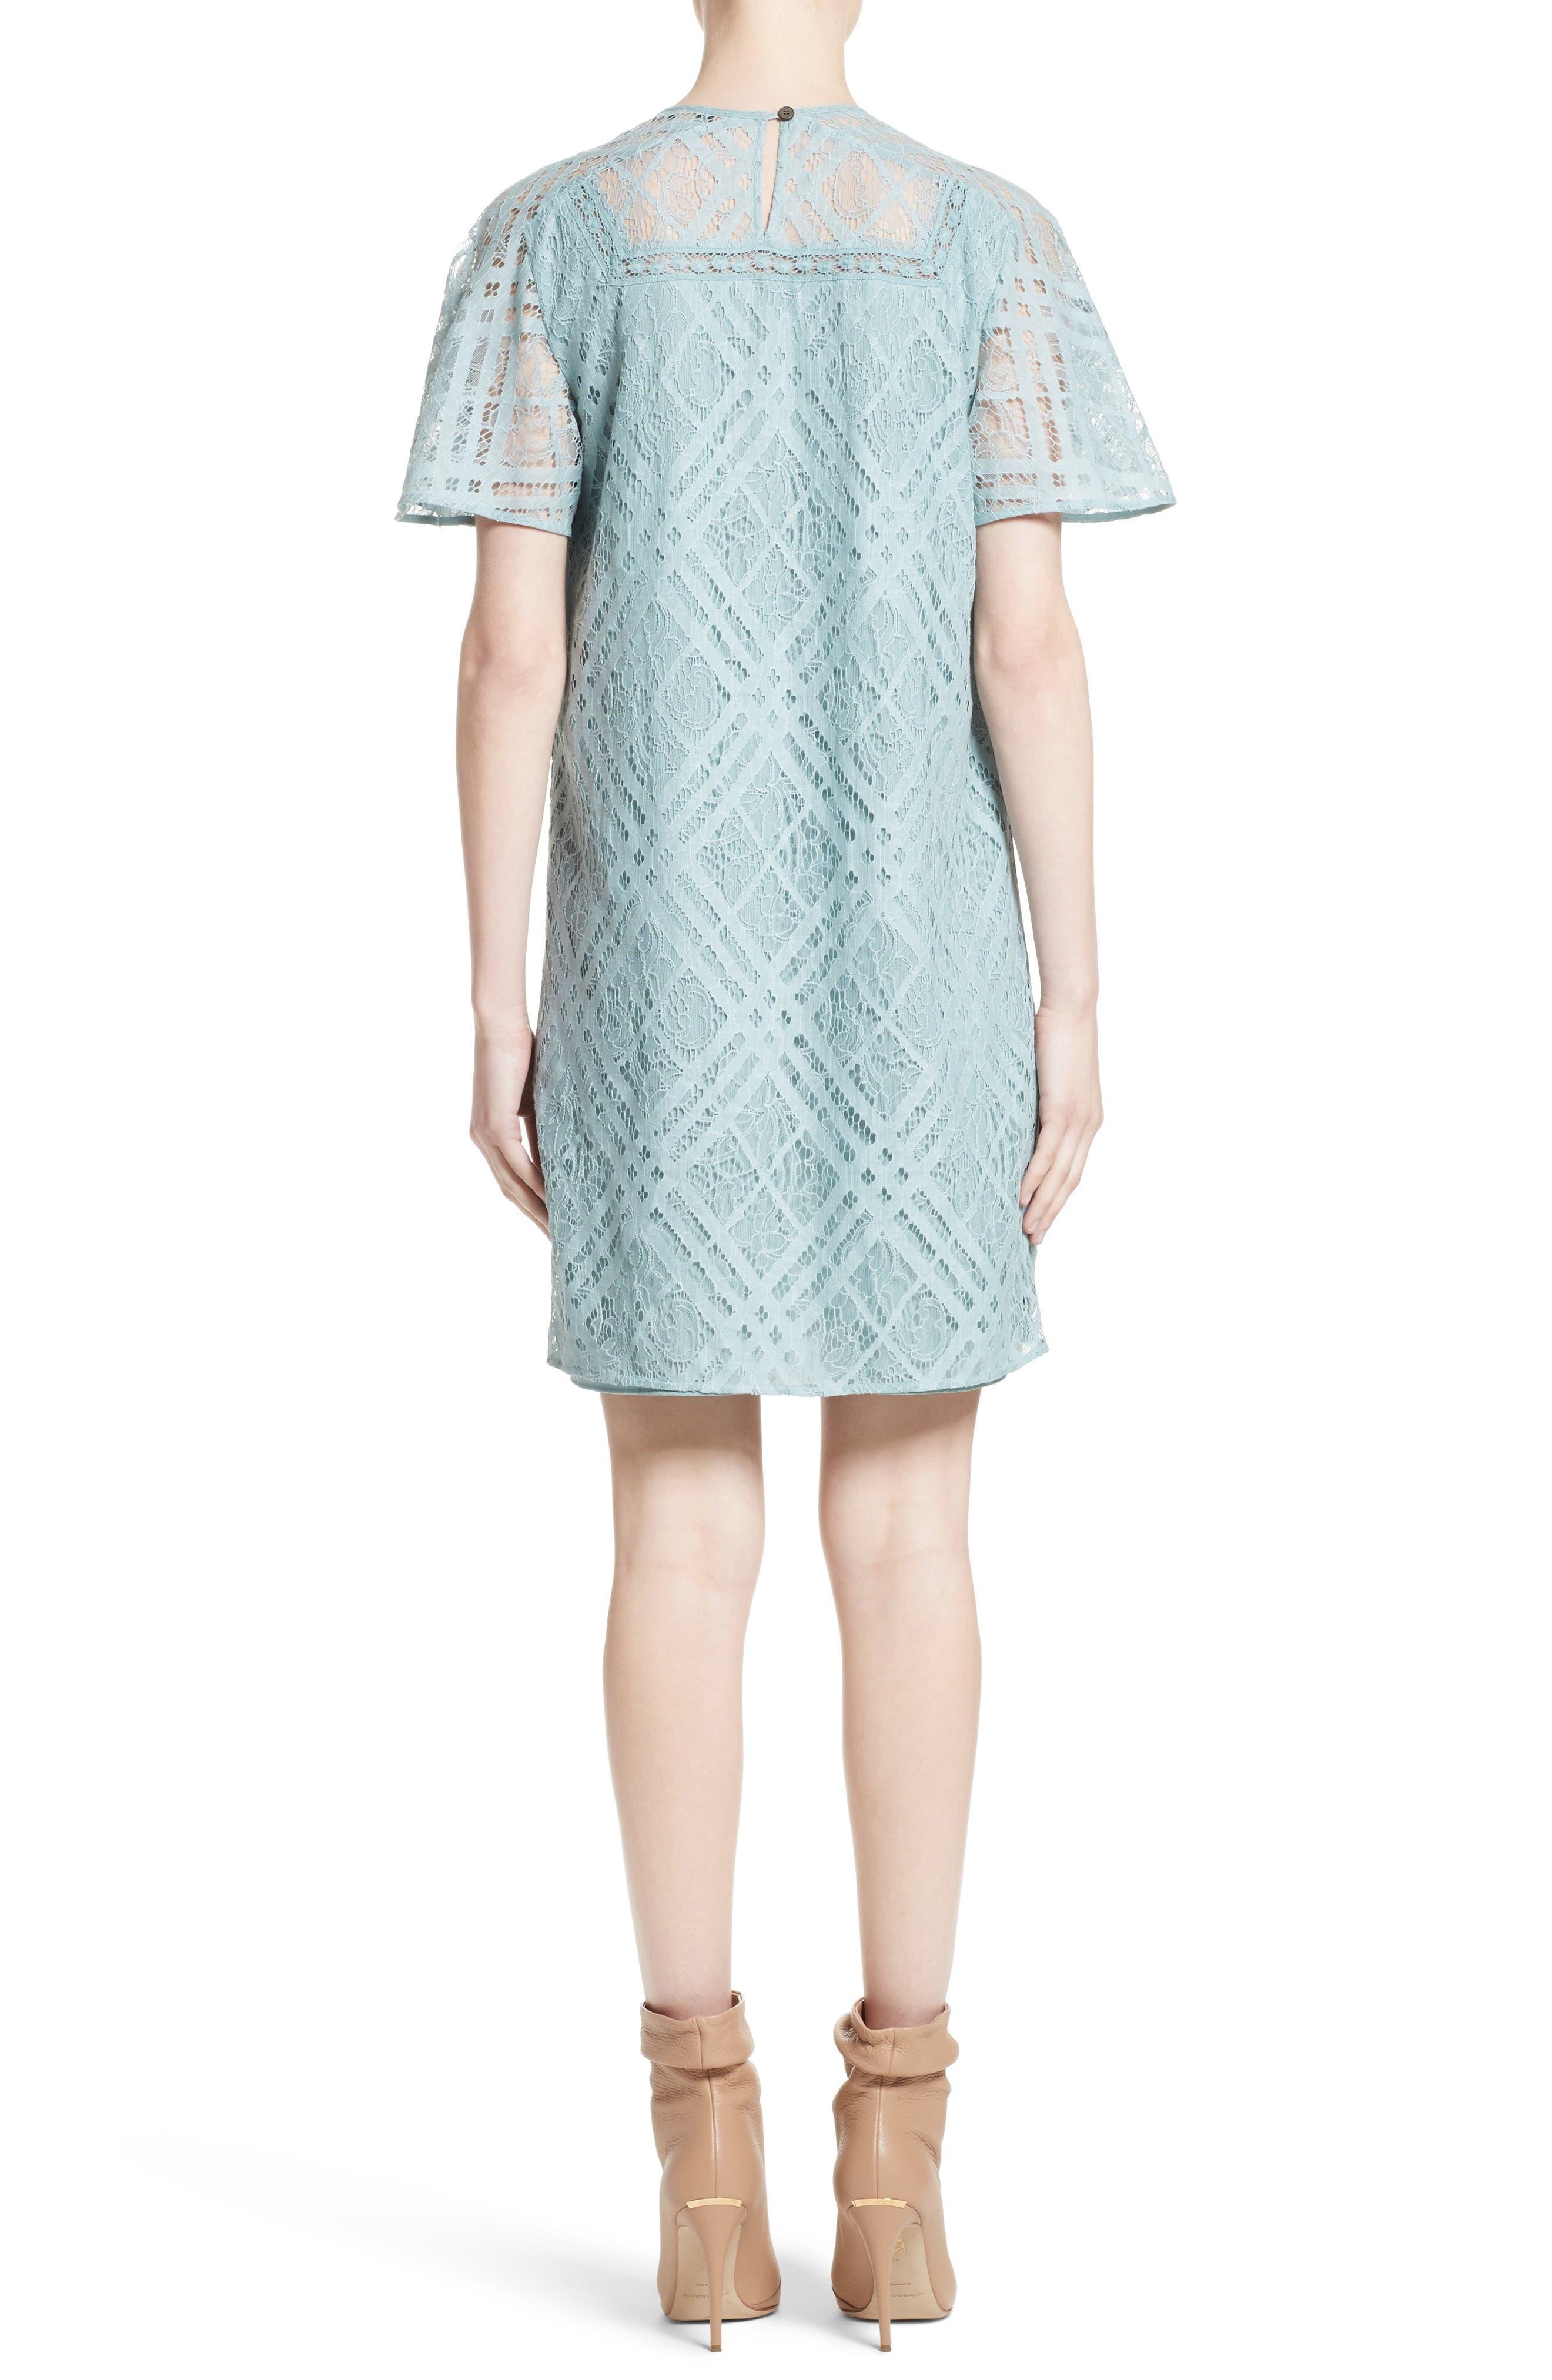 Keri Floral Check Lace Dress,                             Alternate thumbnail 2, color,                             450